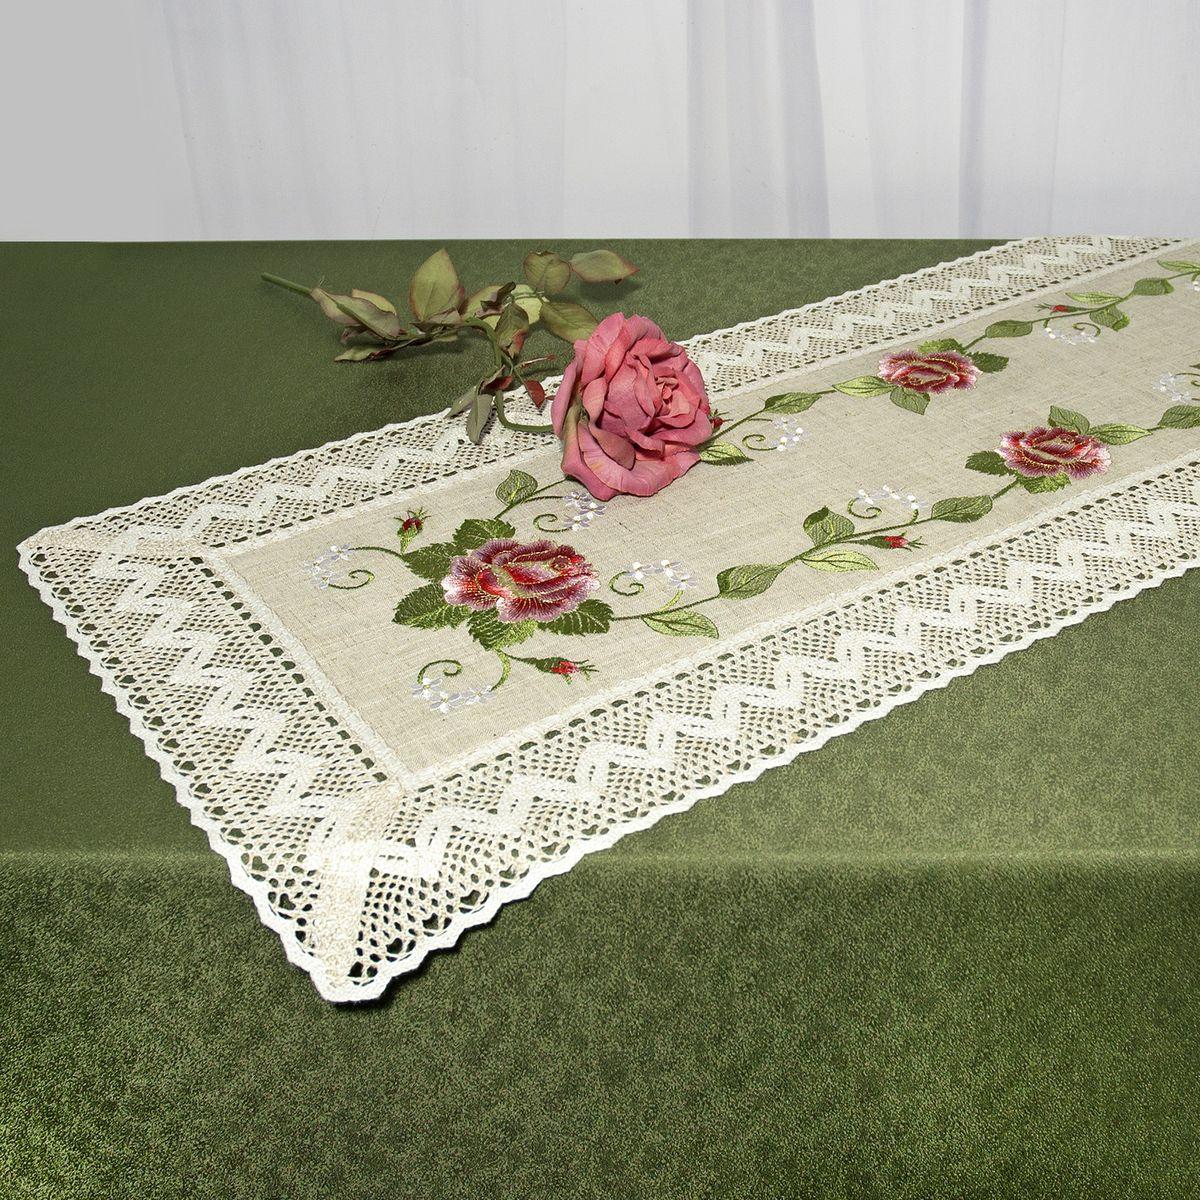 Дорожка для декорирования стола Schaefer, прямоугольная, цвет: серо-бежевый, 40 см x 100 см. 07527-202 - Schaefer07527-202Прямоугольная дорожка Schaefer изготовлена из высококачественного полиэстера и оформлена по краю отделочной тесьмой. Фактура ткани выполнена под натуральный лен, вышивка ручная. Вы можете использовать дорожку для декорирования стола, комода или журнального столика. Благодаря такой дорожке вы защитите поверхность мебели от воды, пятен и механических воздействий, а также создадите атмосферу уюта и домашнего тепла в интерьере вашей квартиры. Изделия из искусственных волокон легко стирать: они не мнутся, не садятся и быстро сохнут, они более долговечны, чем изделия из натуральных волокон. Изысканный текстиль от немецкой компании Schaefer - это красота, стиль и уют в вашем доме. Дорожка органично впишется в интерьер любого помещения, а оригинальный дизайн удовлетворит даже самый изысканный вкус. Дарите себе и близким красоту каждый день!